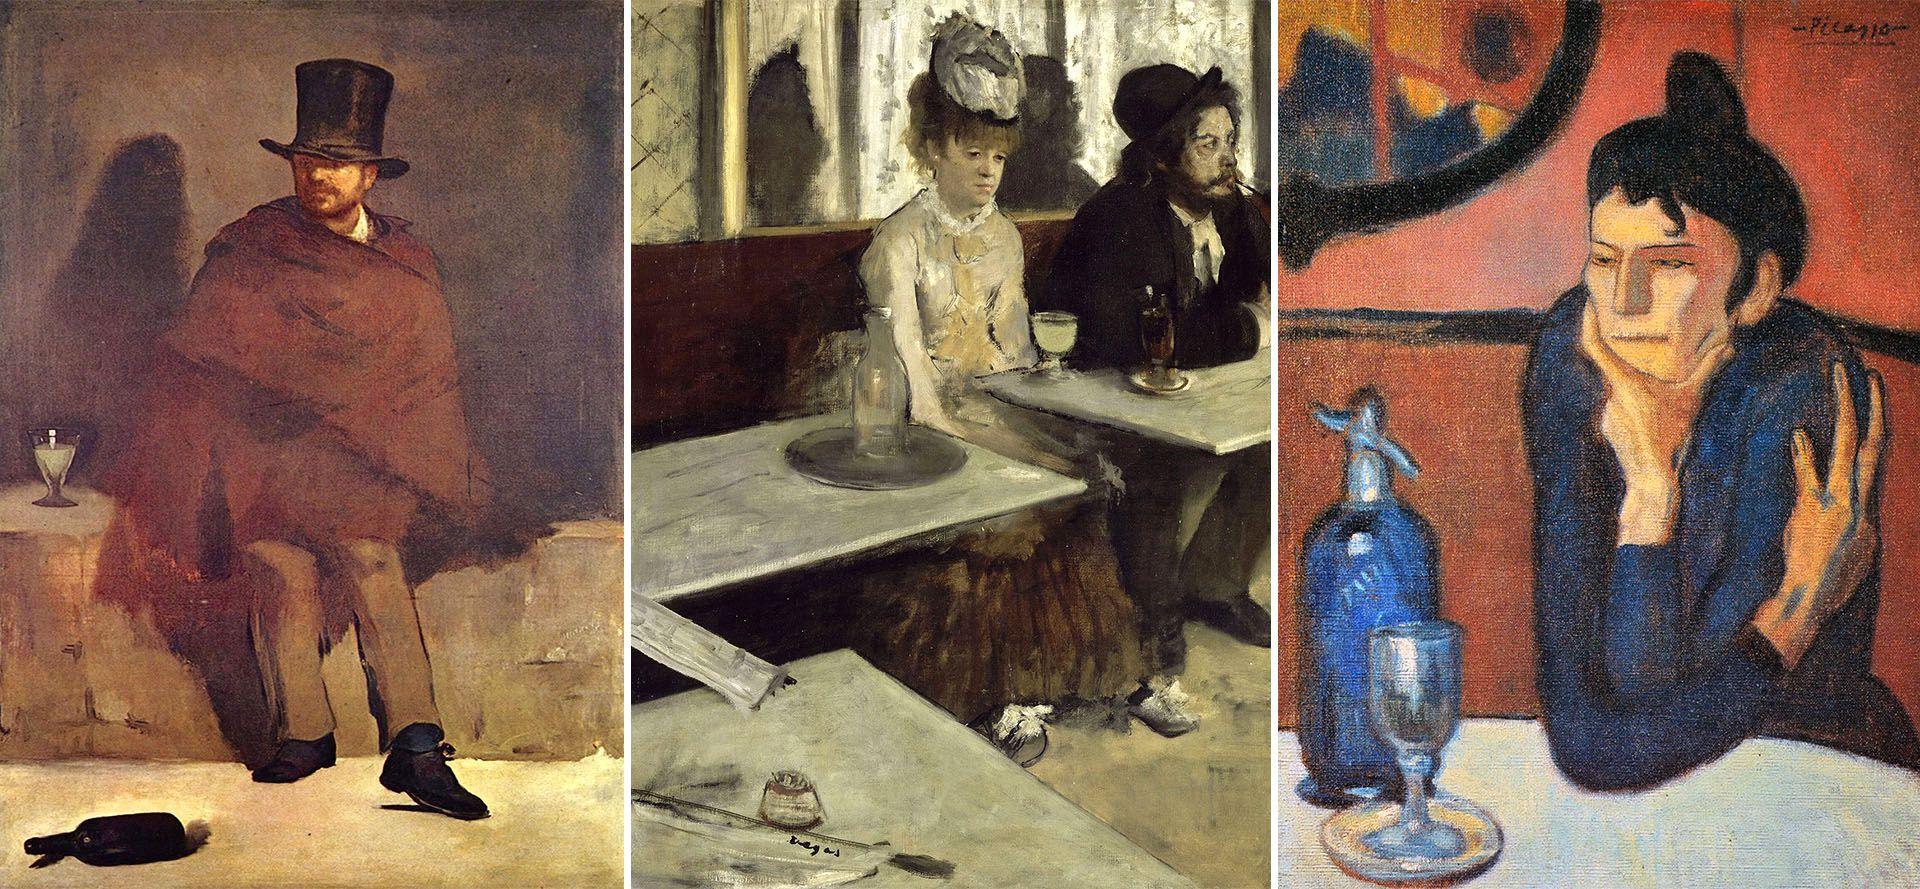 """""""Bebedor de absenta"""", de Edouard Manet (1859), """"La absenta"""", de Edgar Degas (1876) y """"Bebedora de absenta"""", de Pablo Picasso (1901)"""